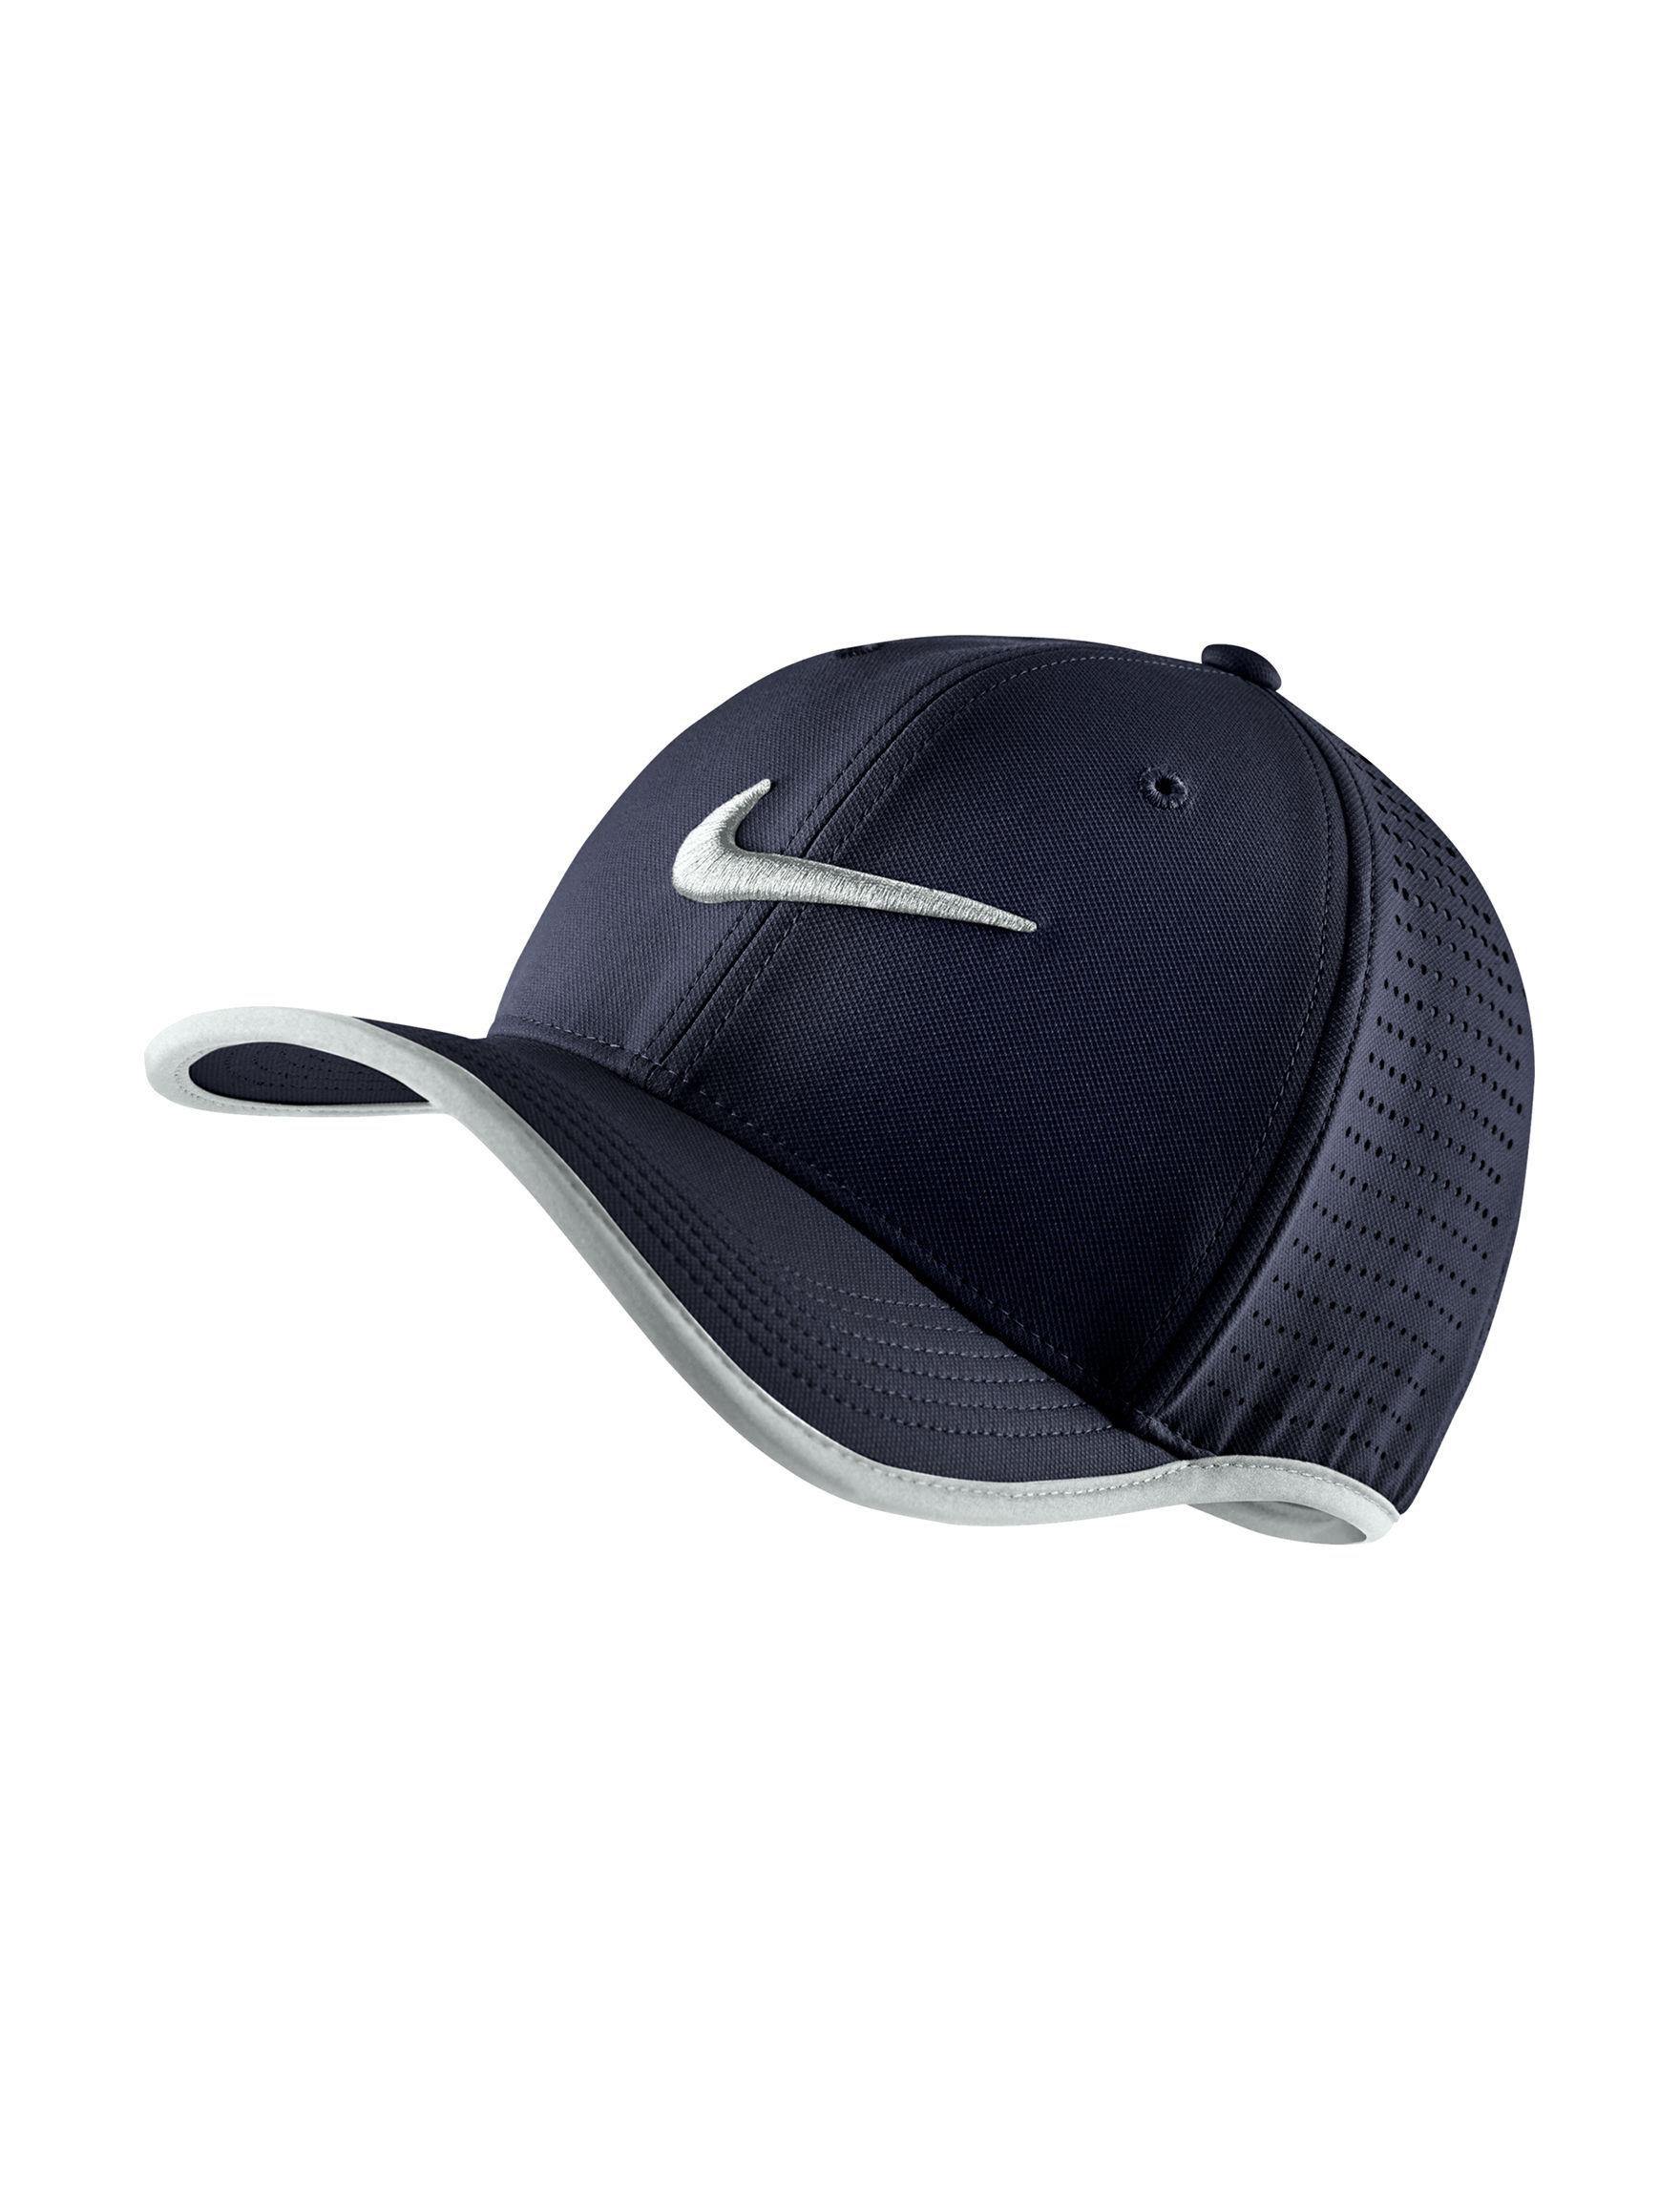 Nike Blue Hats & Headwear